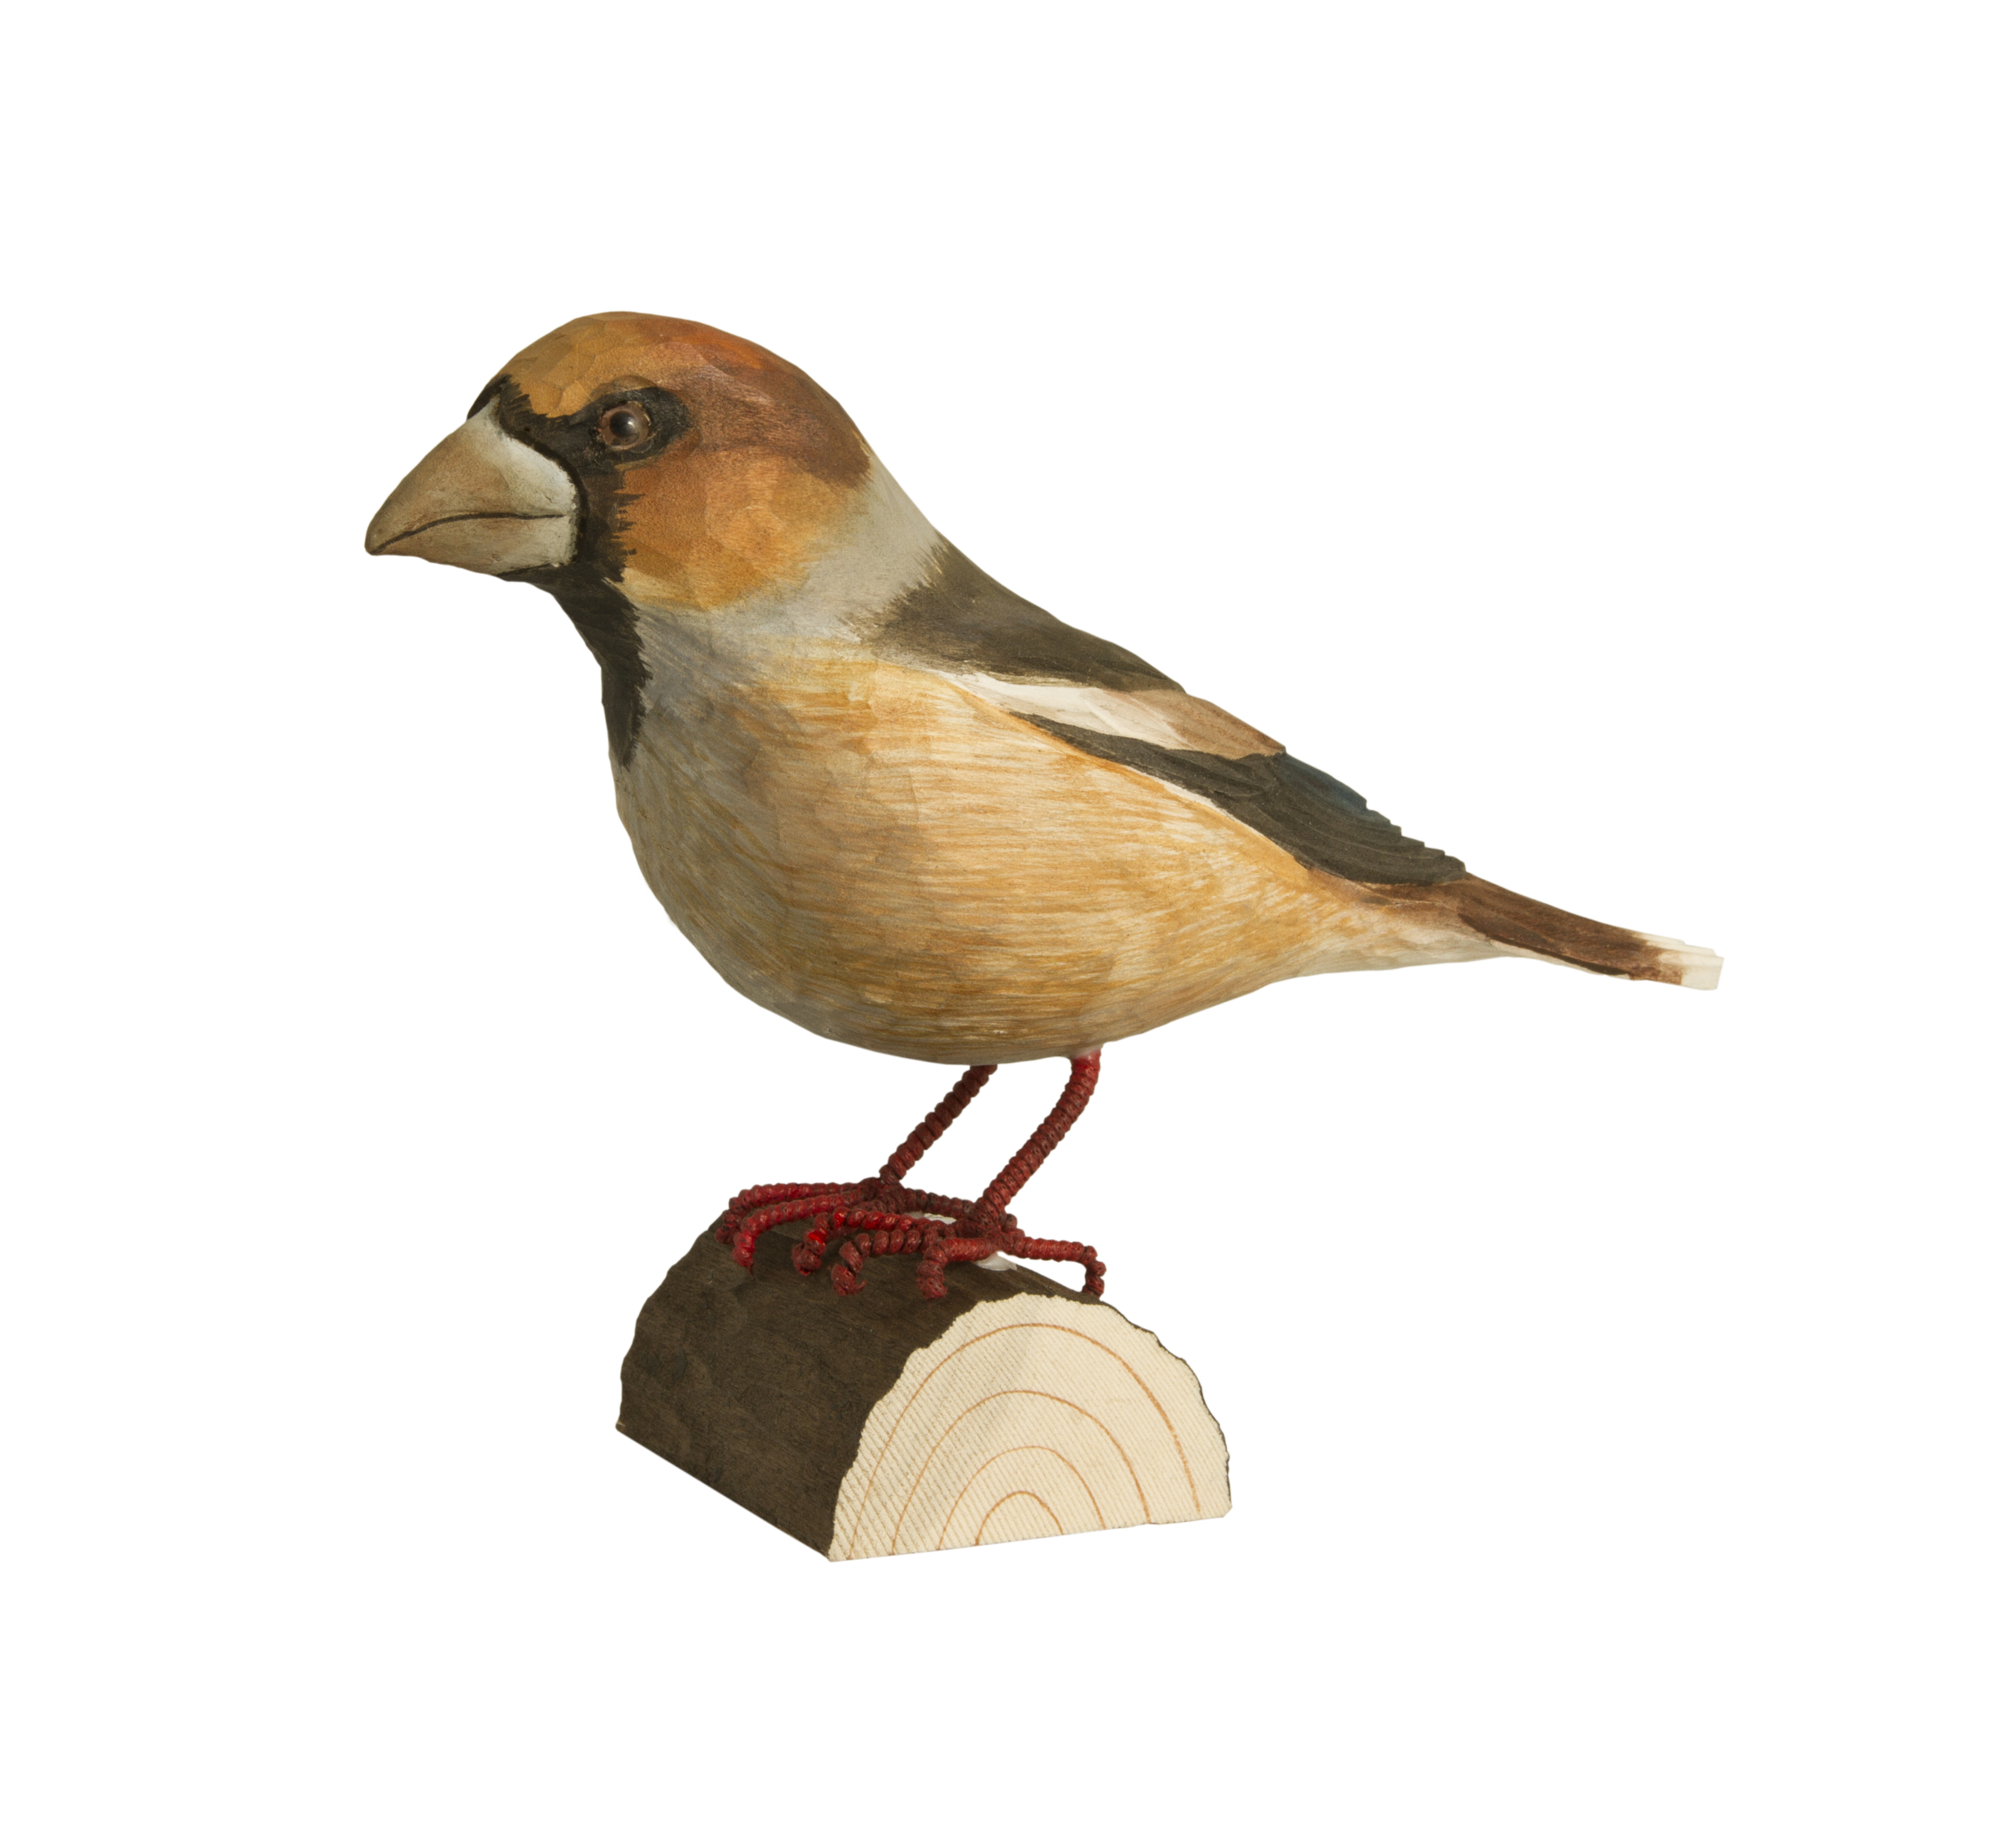 Фигурка декоративная Wildlife Garden HawfinchWG424Материал: дерево (липа). Все использованные материалы экологичны, не содержат вредных веществ и безопасны для птиц. Размер: высота 12,5, ширина 5,6, длина 16,5. Цвет: мультиколор. Вырезана и раскрашена вручную, упакована в подарочную упаковку и включает брошюру с информацией о птице.